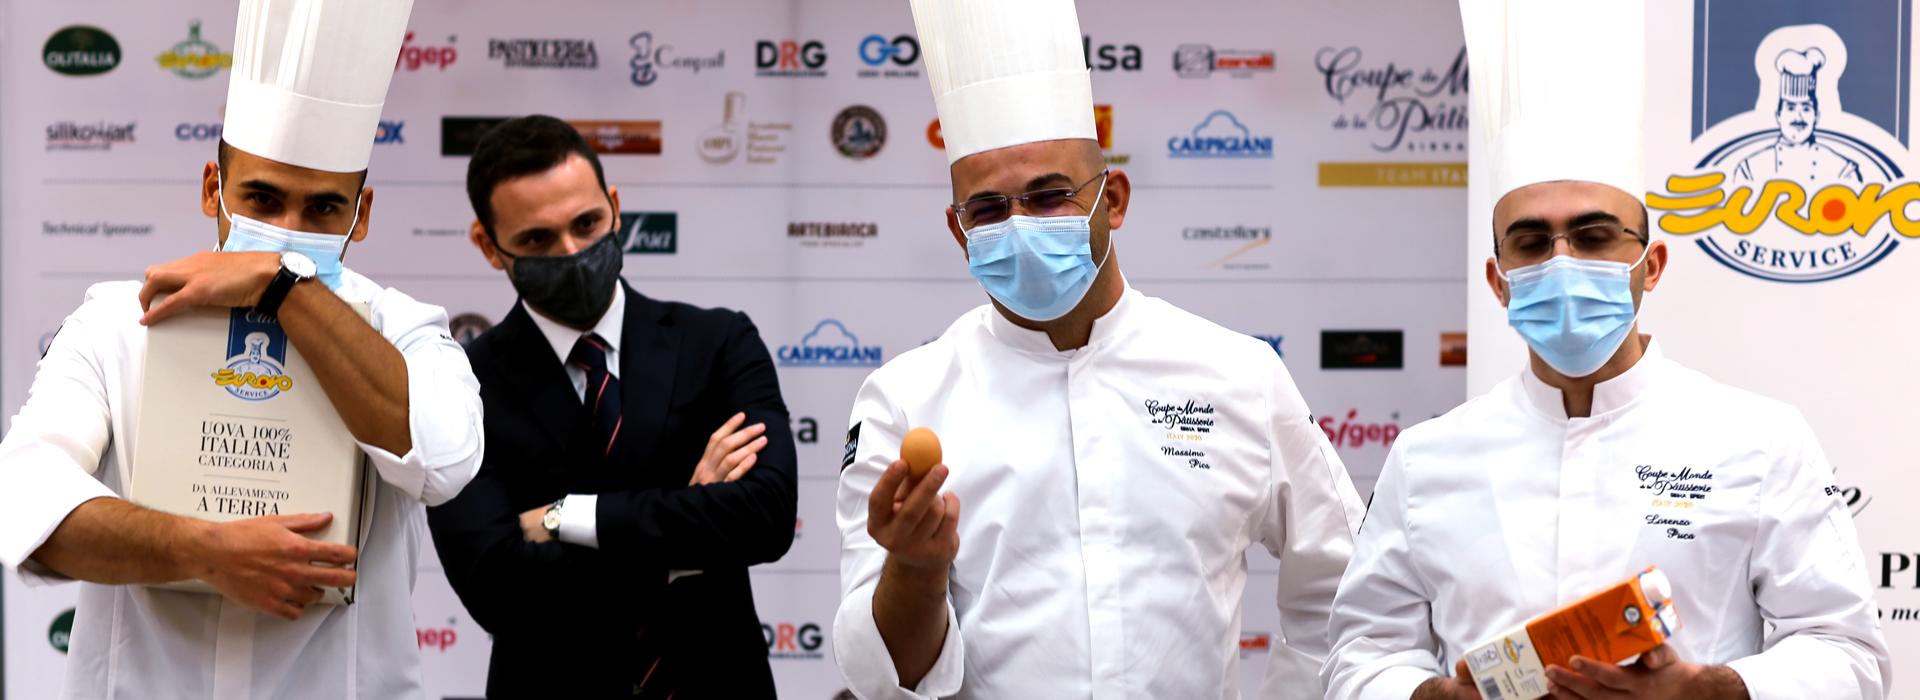 Eurovo Service sostiene la nazionale pasticcieri